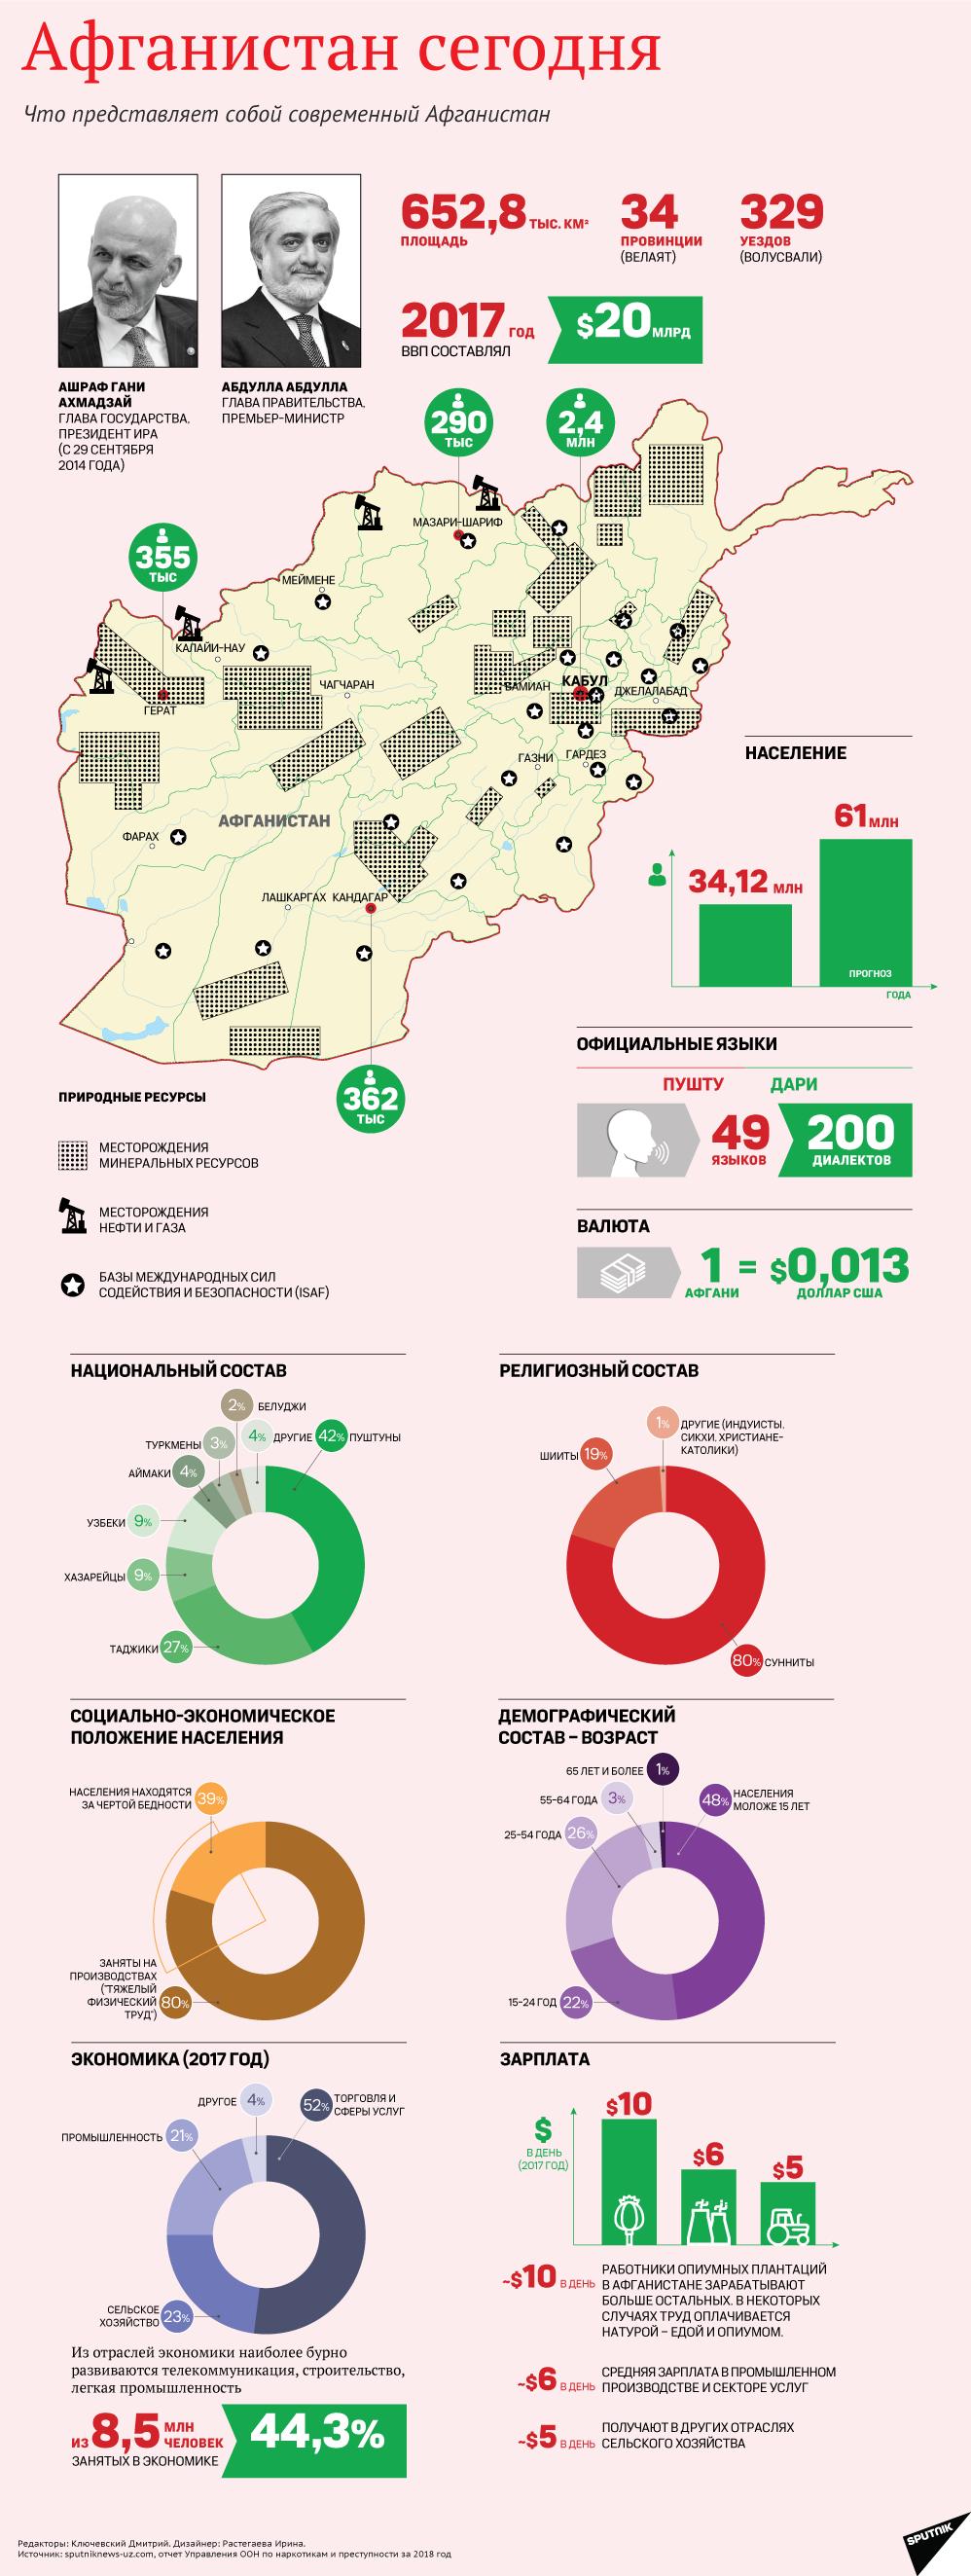 Афганистан сегодня - инфографика